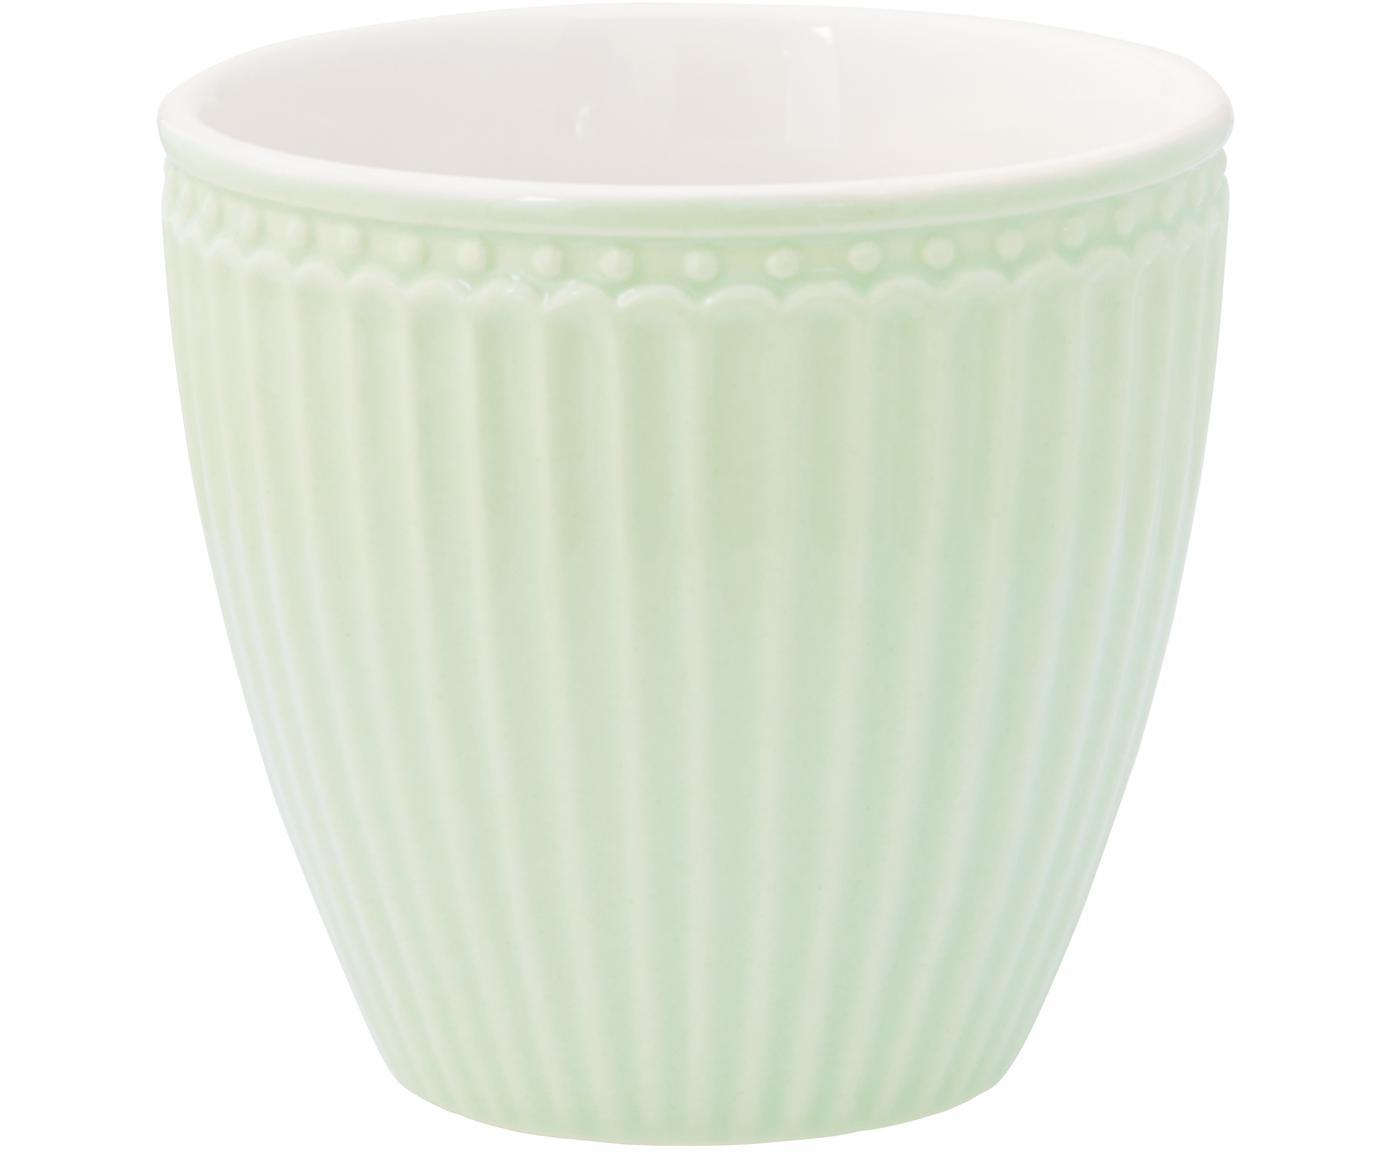 Tazas Alice, 2uds., Porcelana, Verde menta, Ø 10 x Al 9 cm